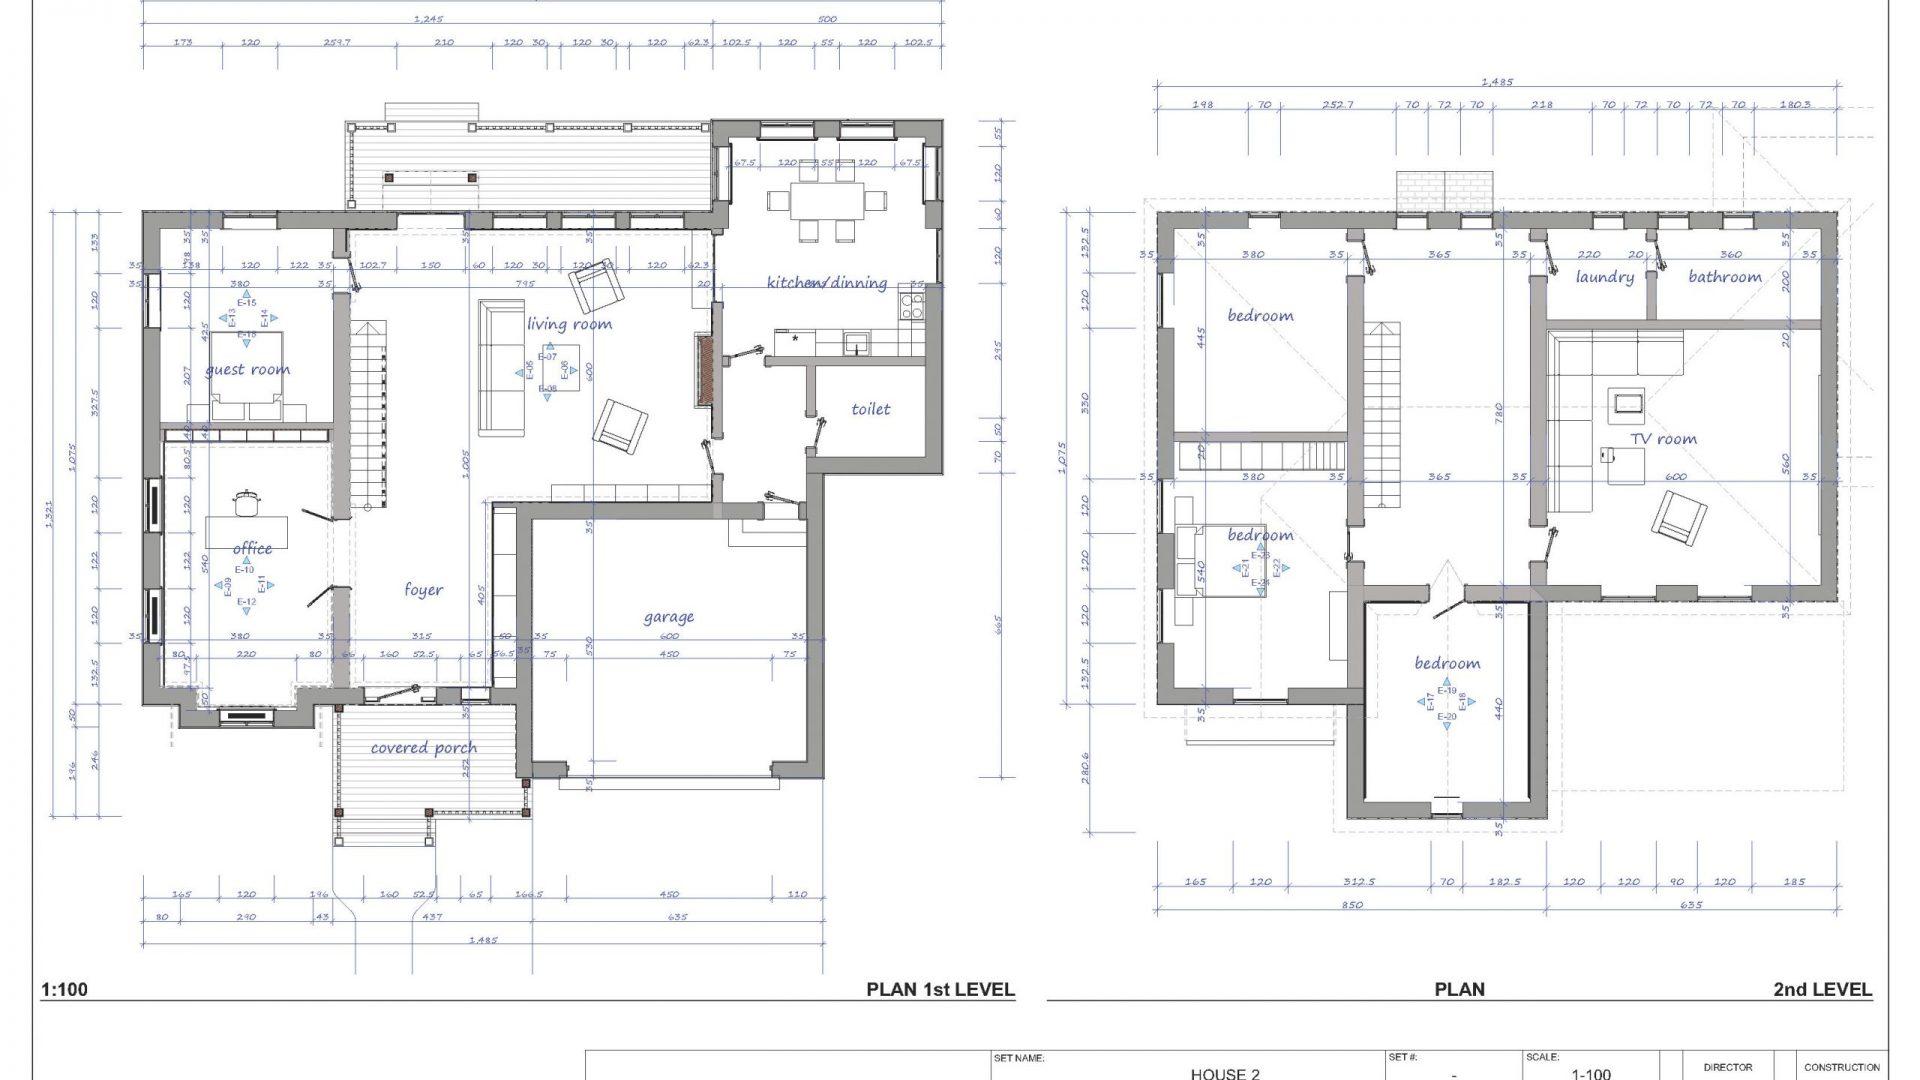 RFN_HOUSE.02_E01R04_PLAN_20210301